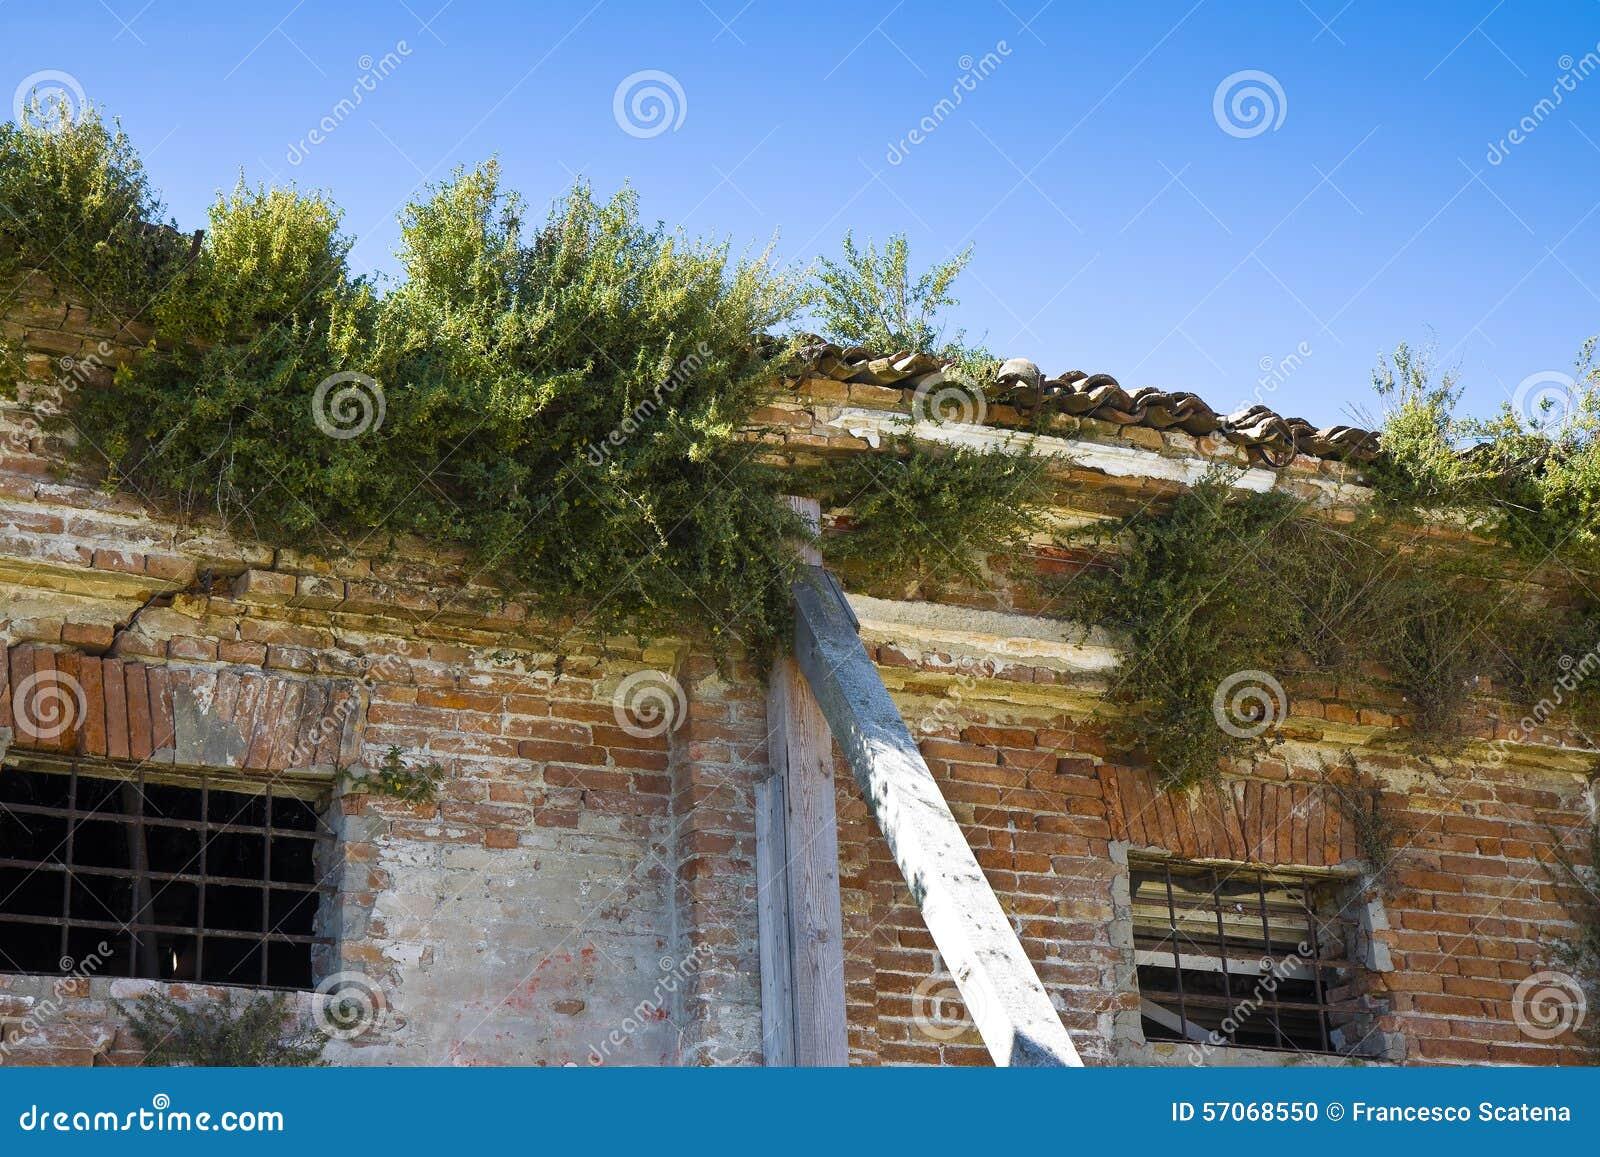 Oud verlaten huis